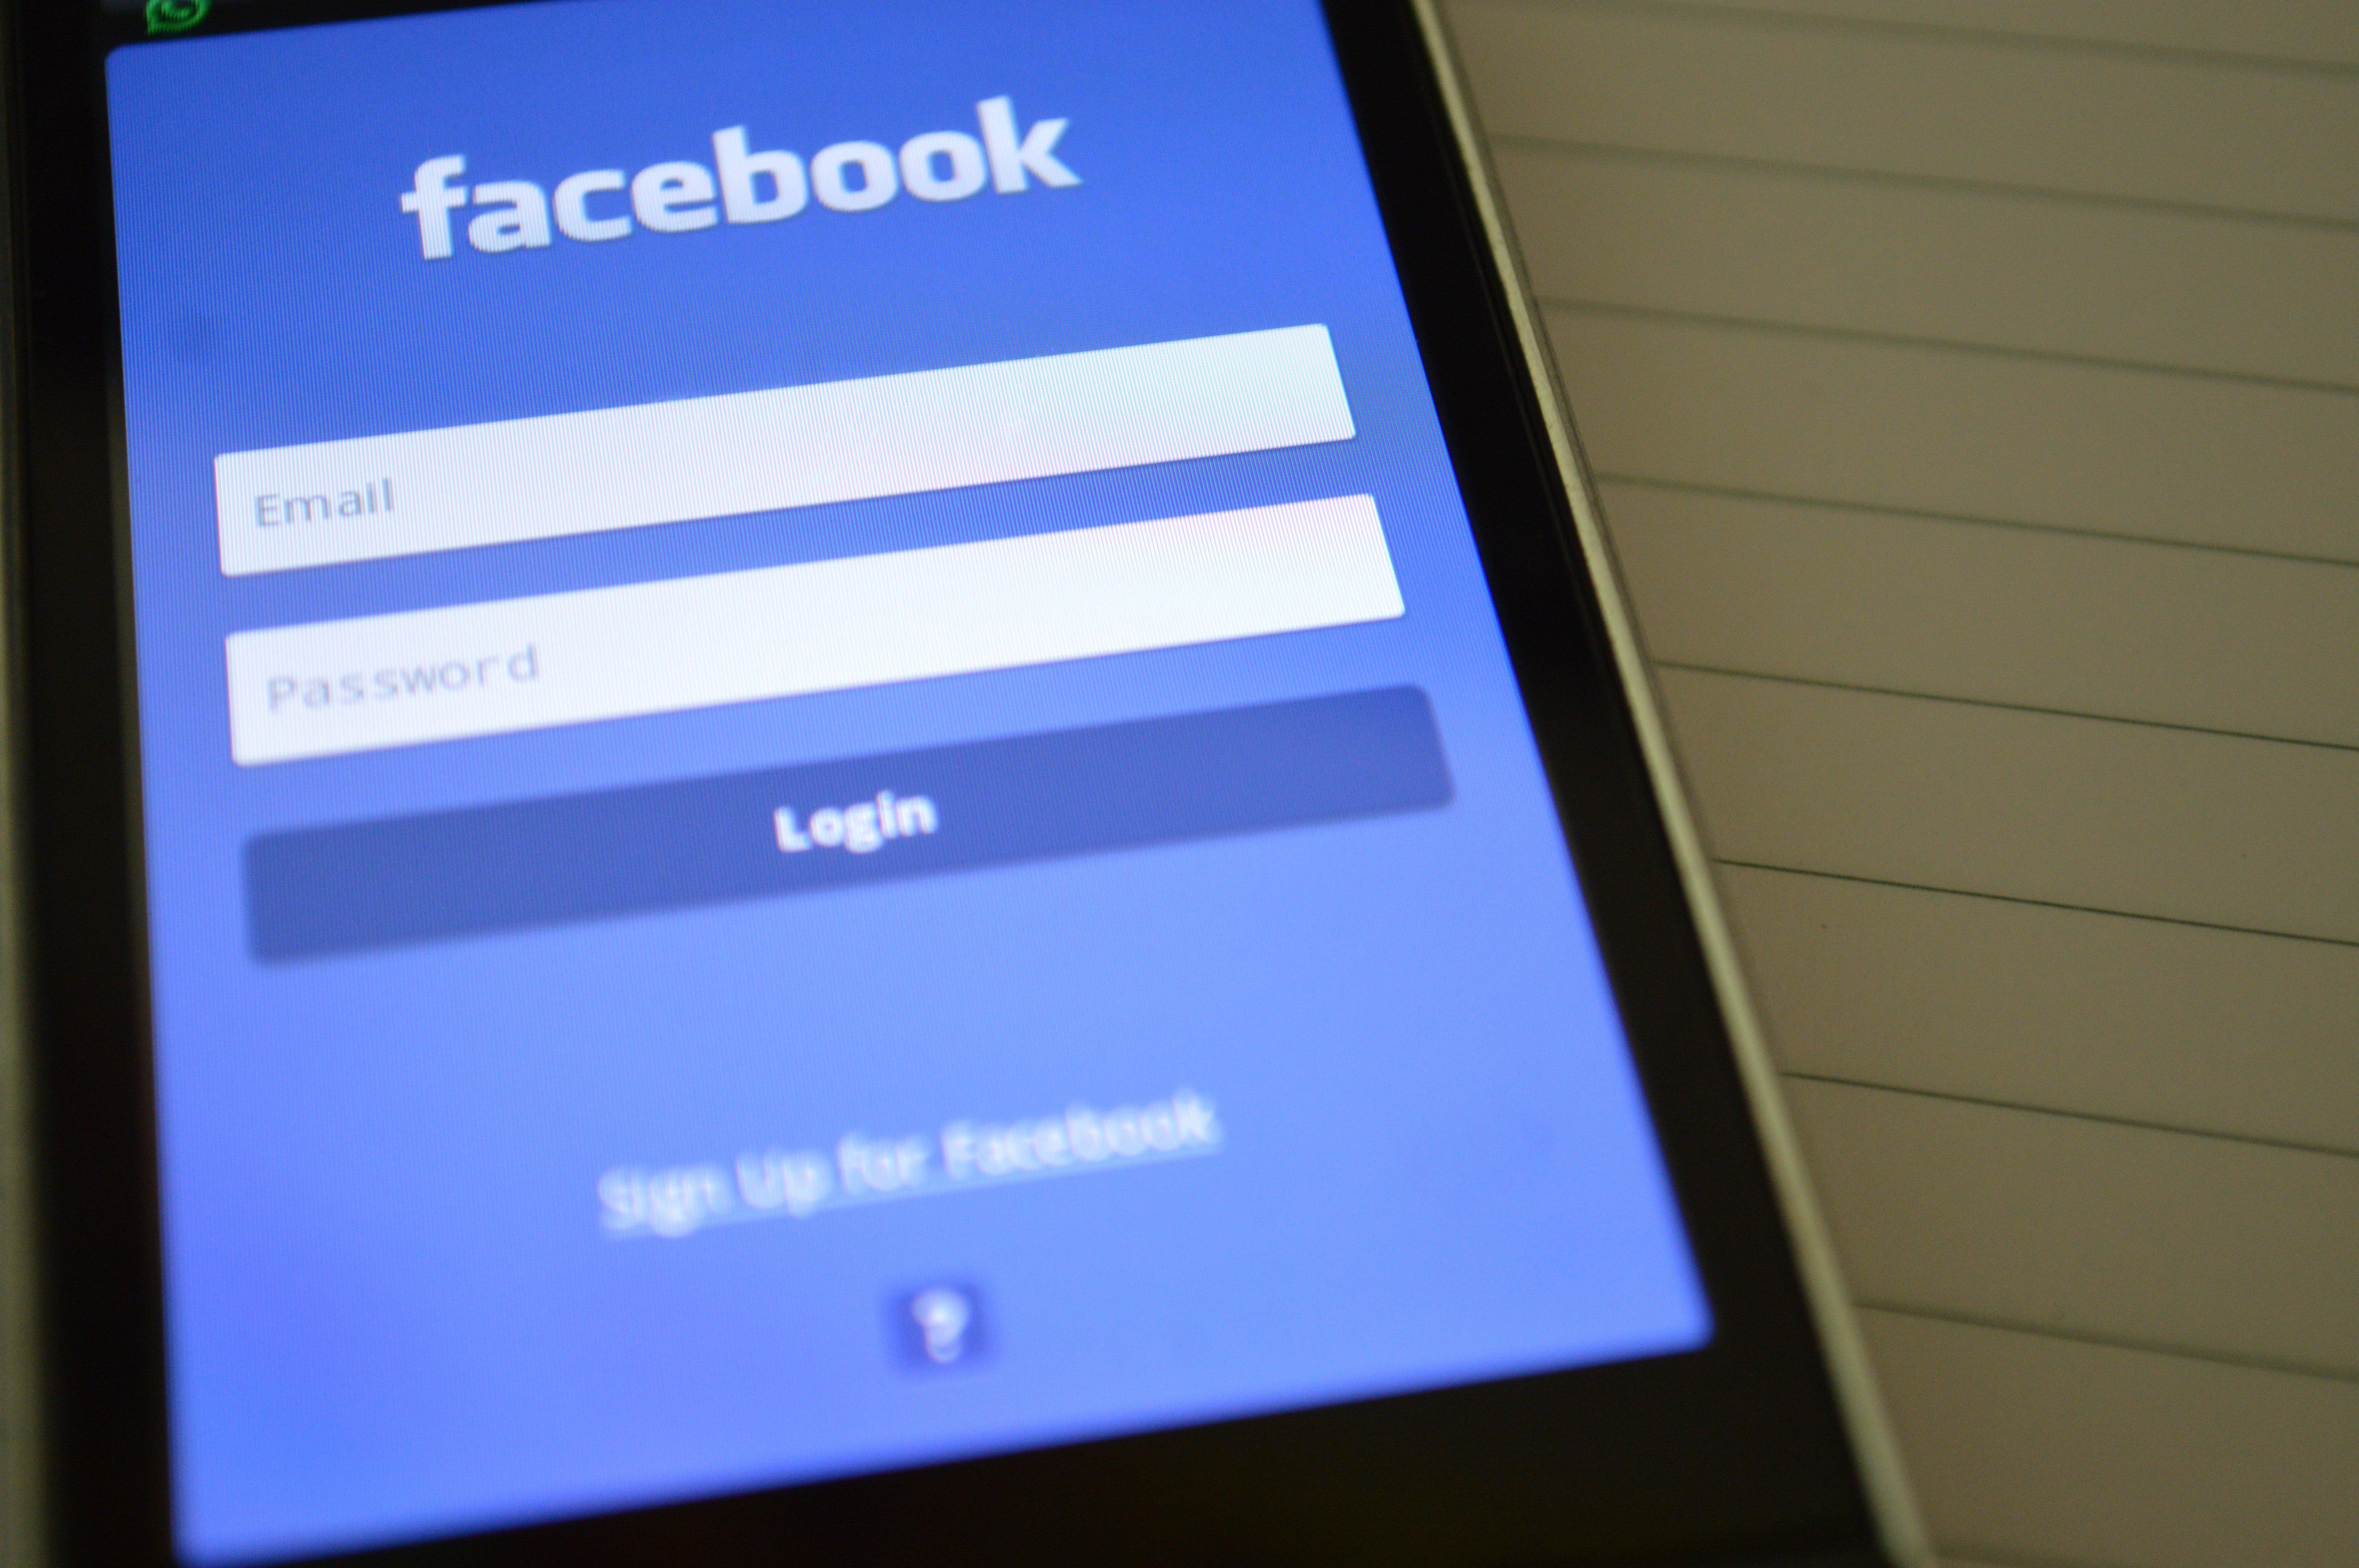 Facebook toujours plus loin : des millions de données stockées en clair sur des serveurs tiers 1